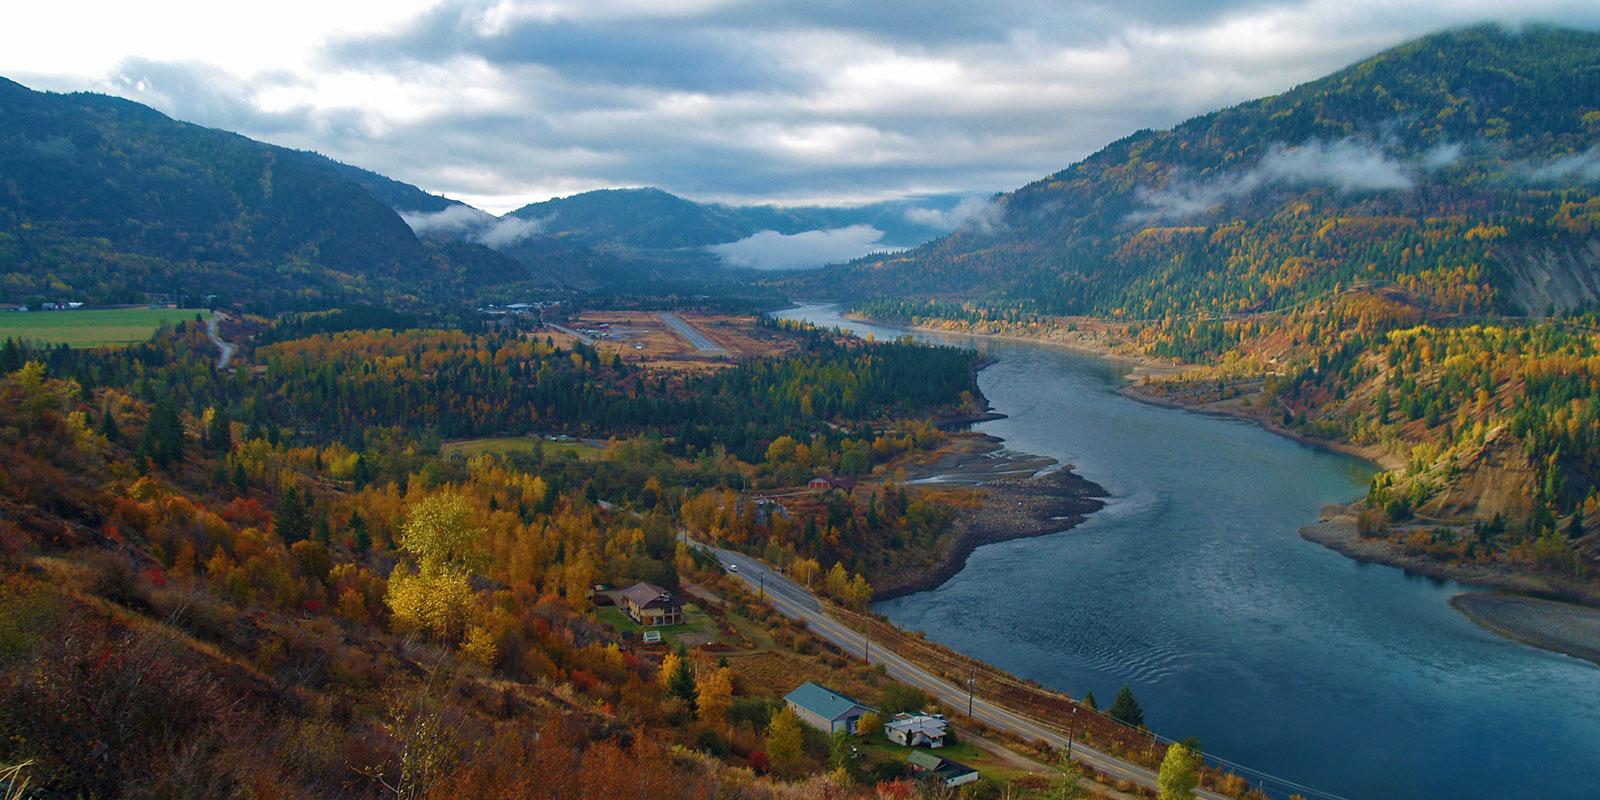 Main Columbia River Maps - Wanita in Fall